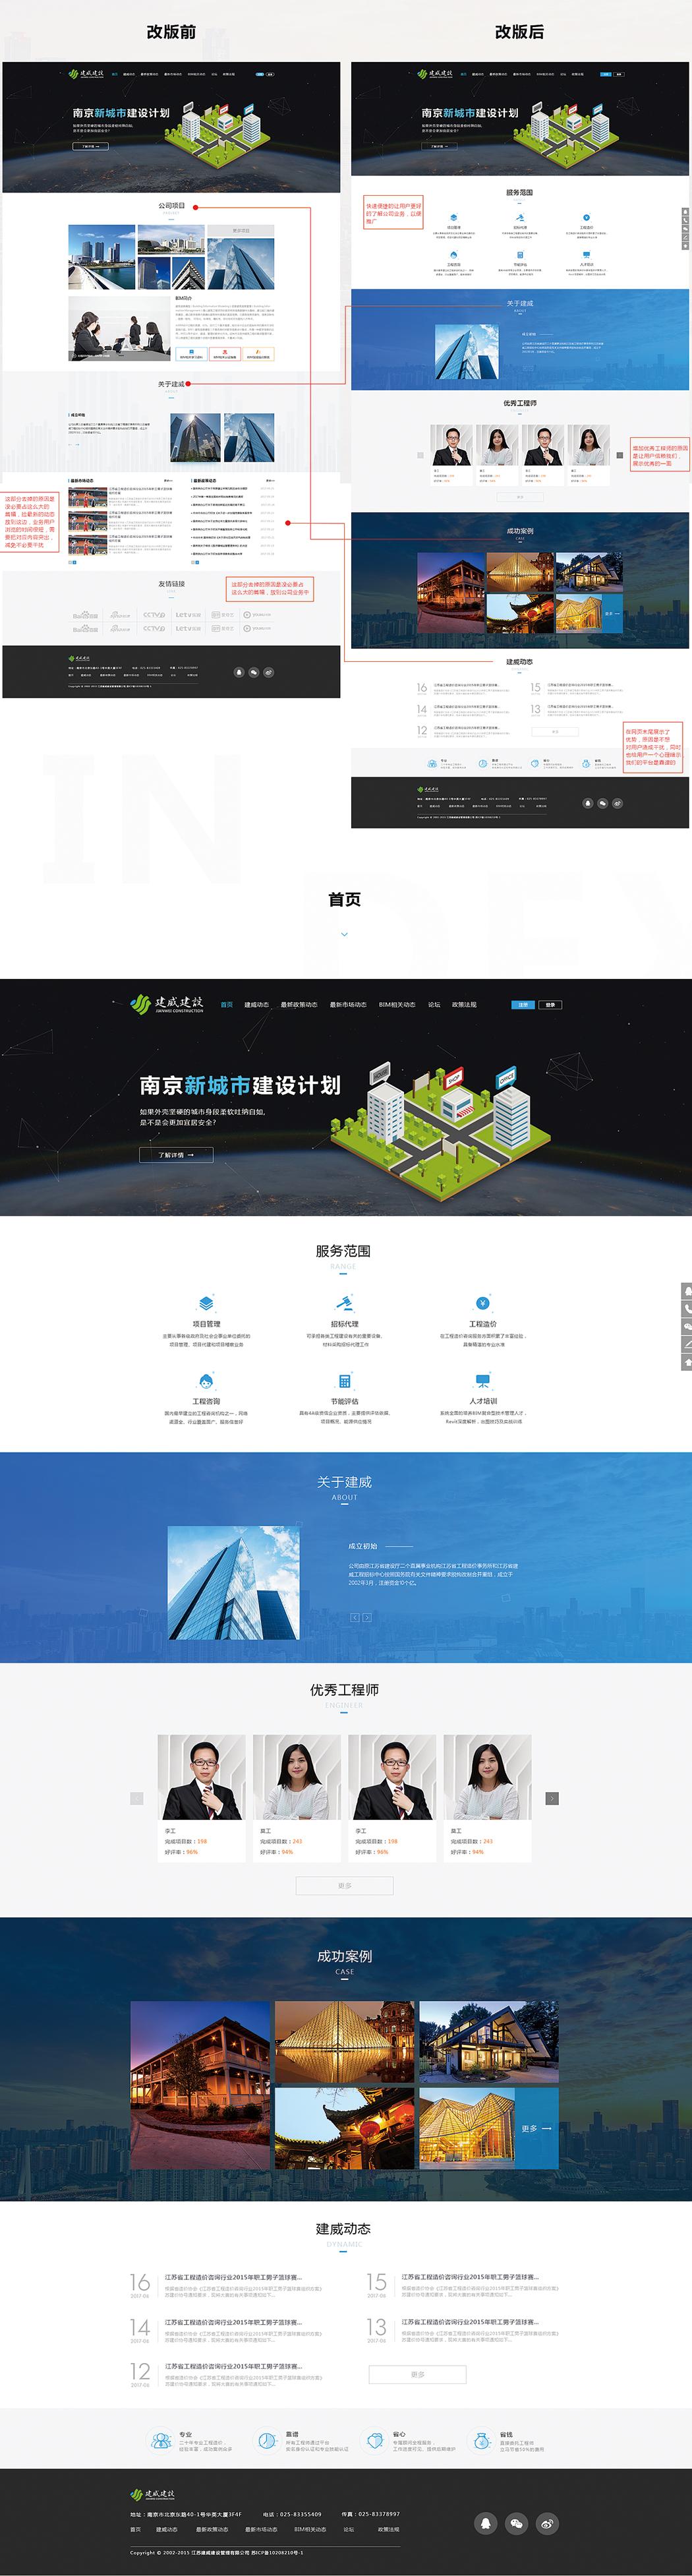 南京地产设计公司官方网站设计-建威官网设计(图2)